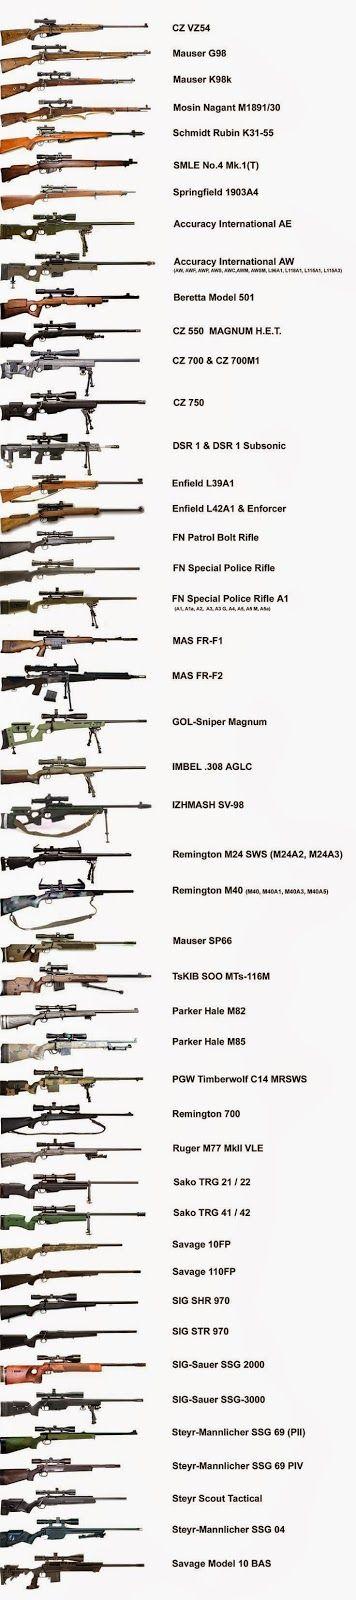 #Оружие - Снайперские винтовки: Zen Inside Zen